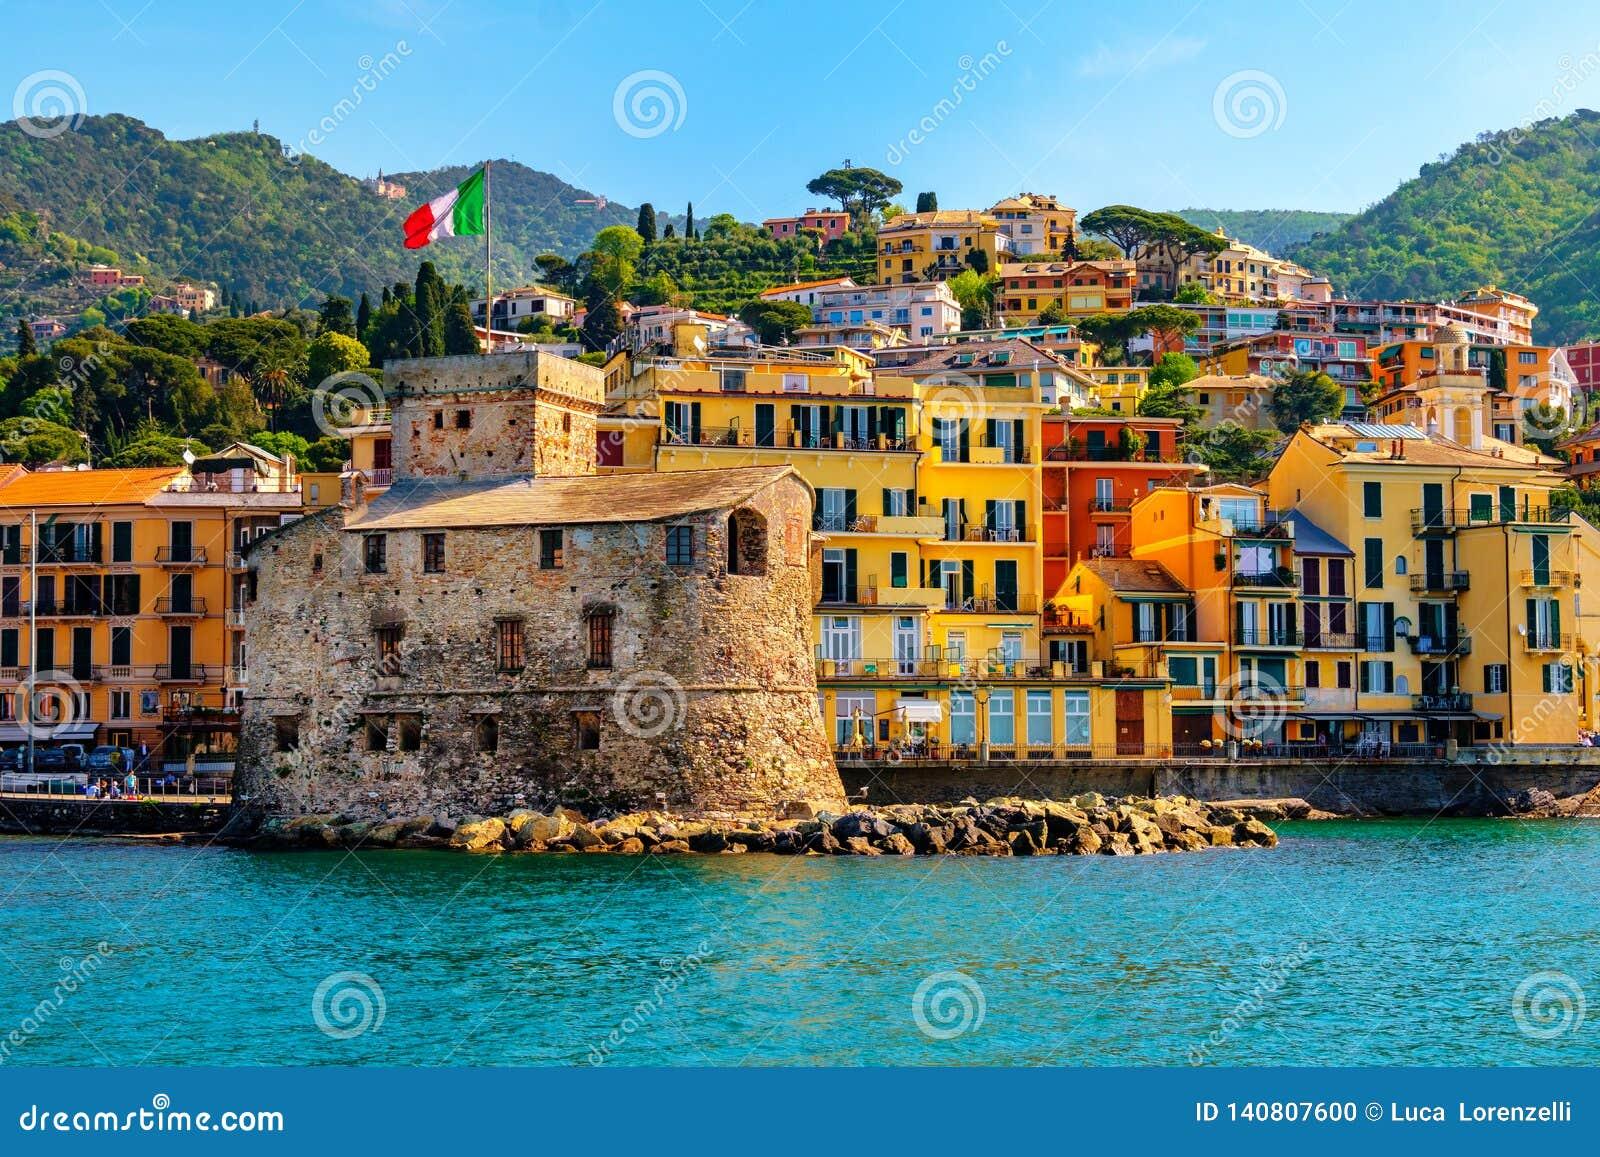 Castillo italiano por el mar Castello di Rapallo en el área italiana de riviera Portofino - Génova - Liguria - Italia